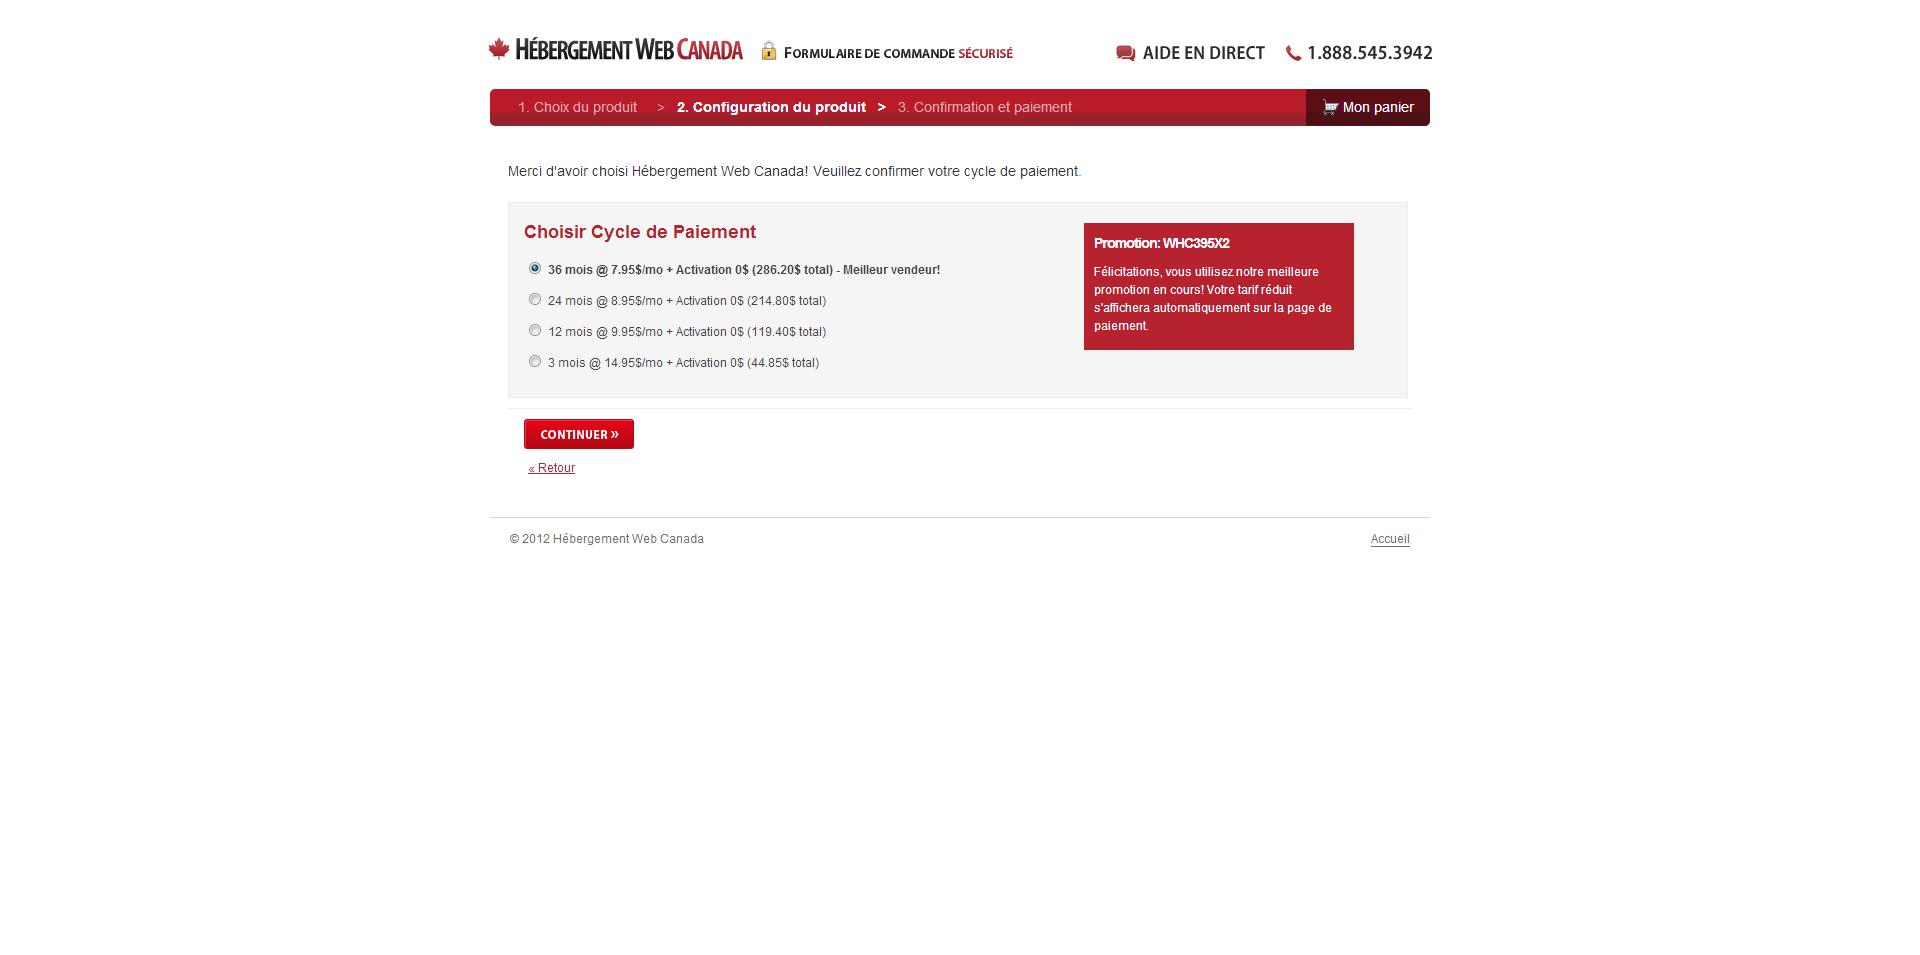 Hébergement Web Canada Cycle de paiement